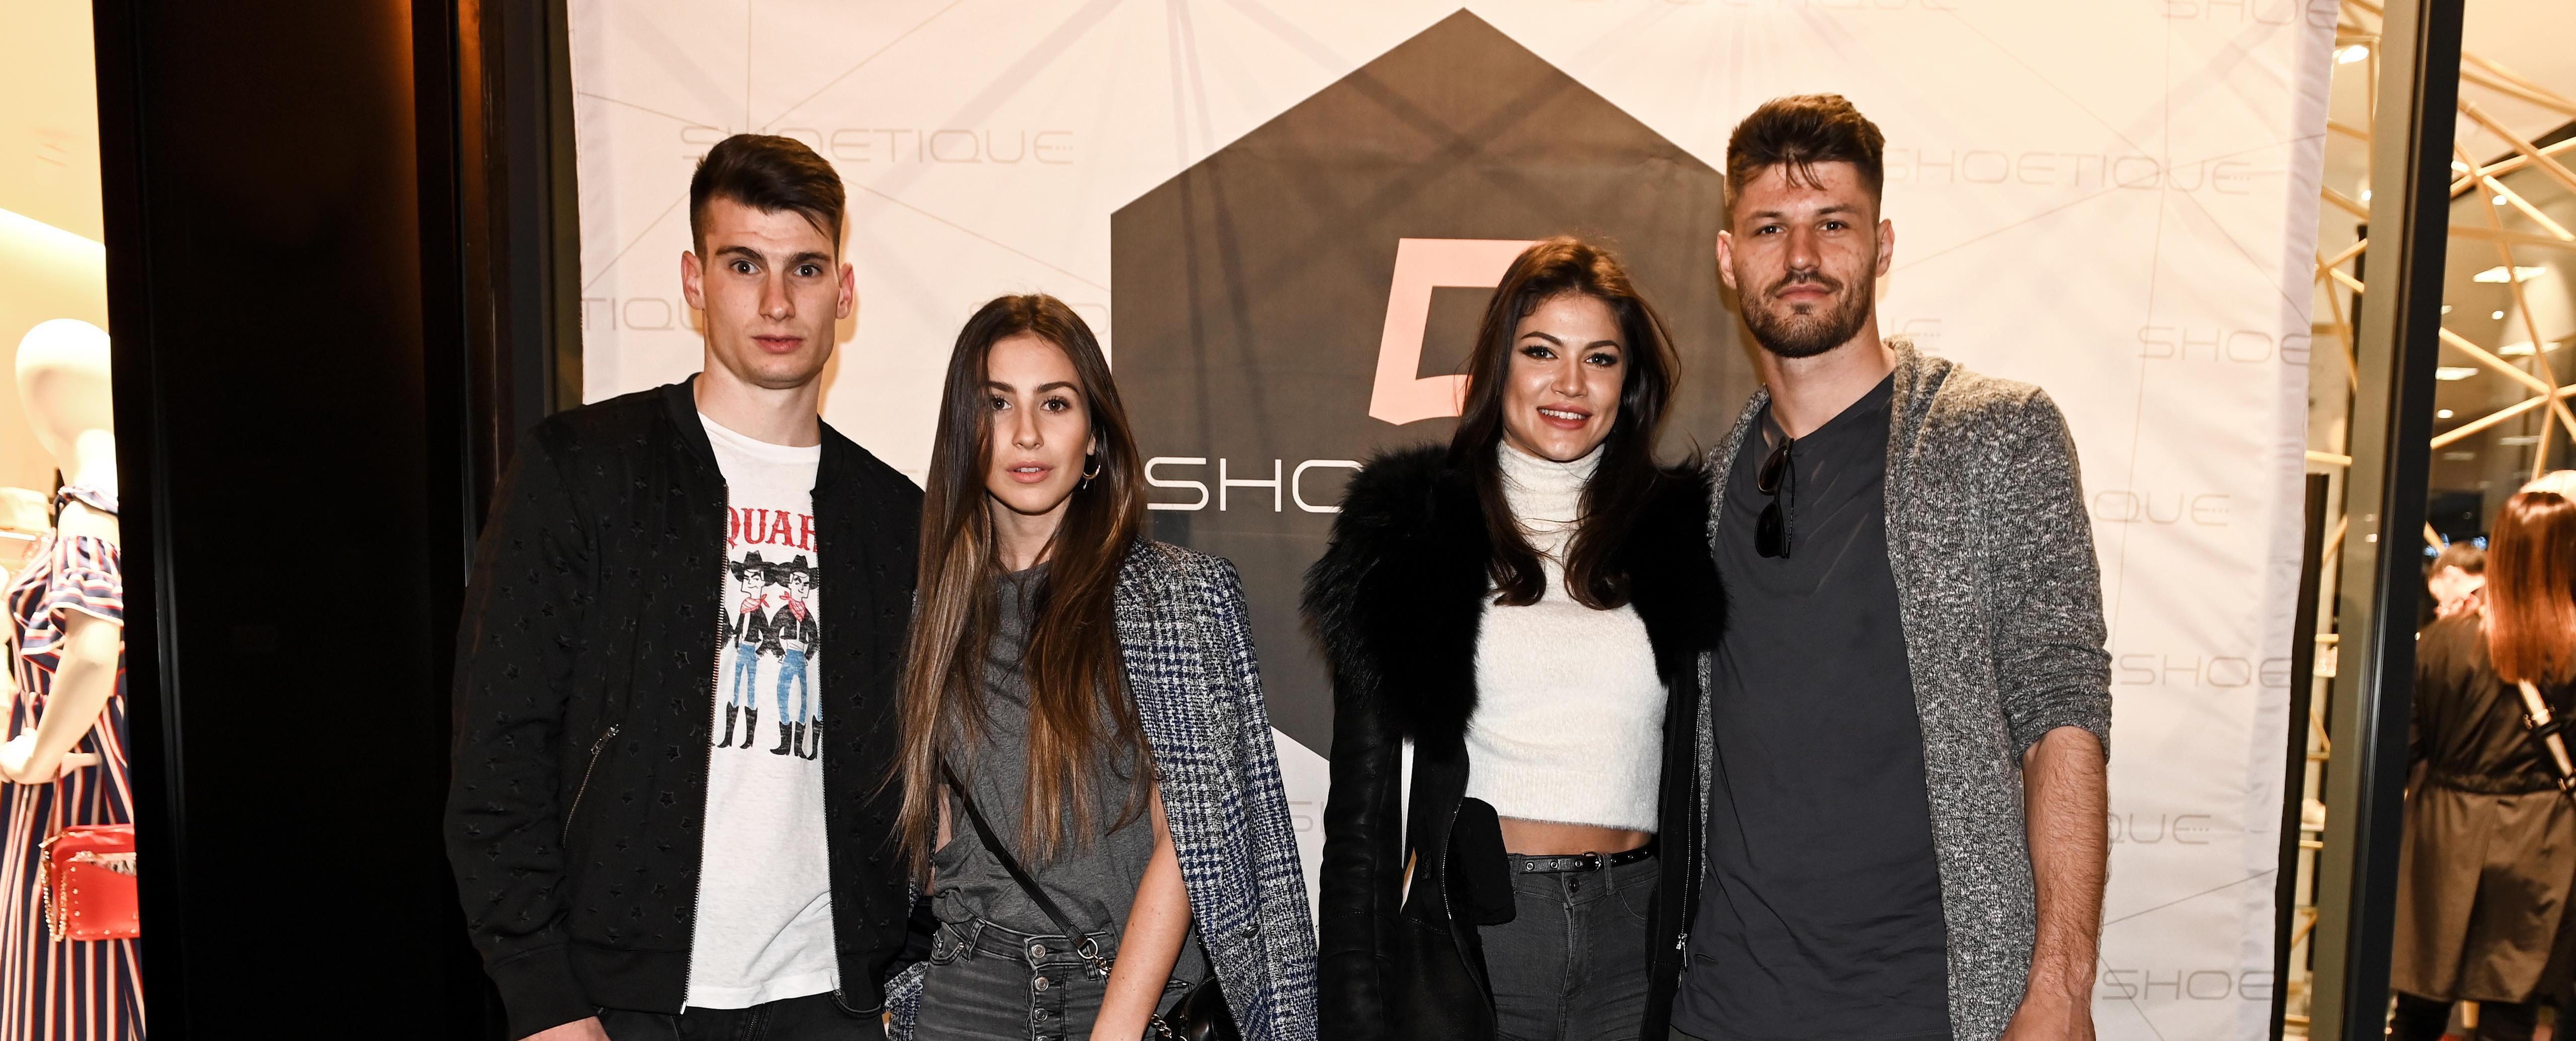 Stilski dvoboj parova: Dinamovci Bruno Petković i Dominik Livaković s djevojkama